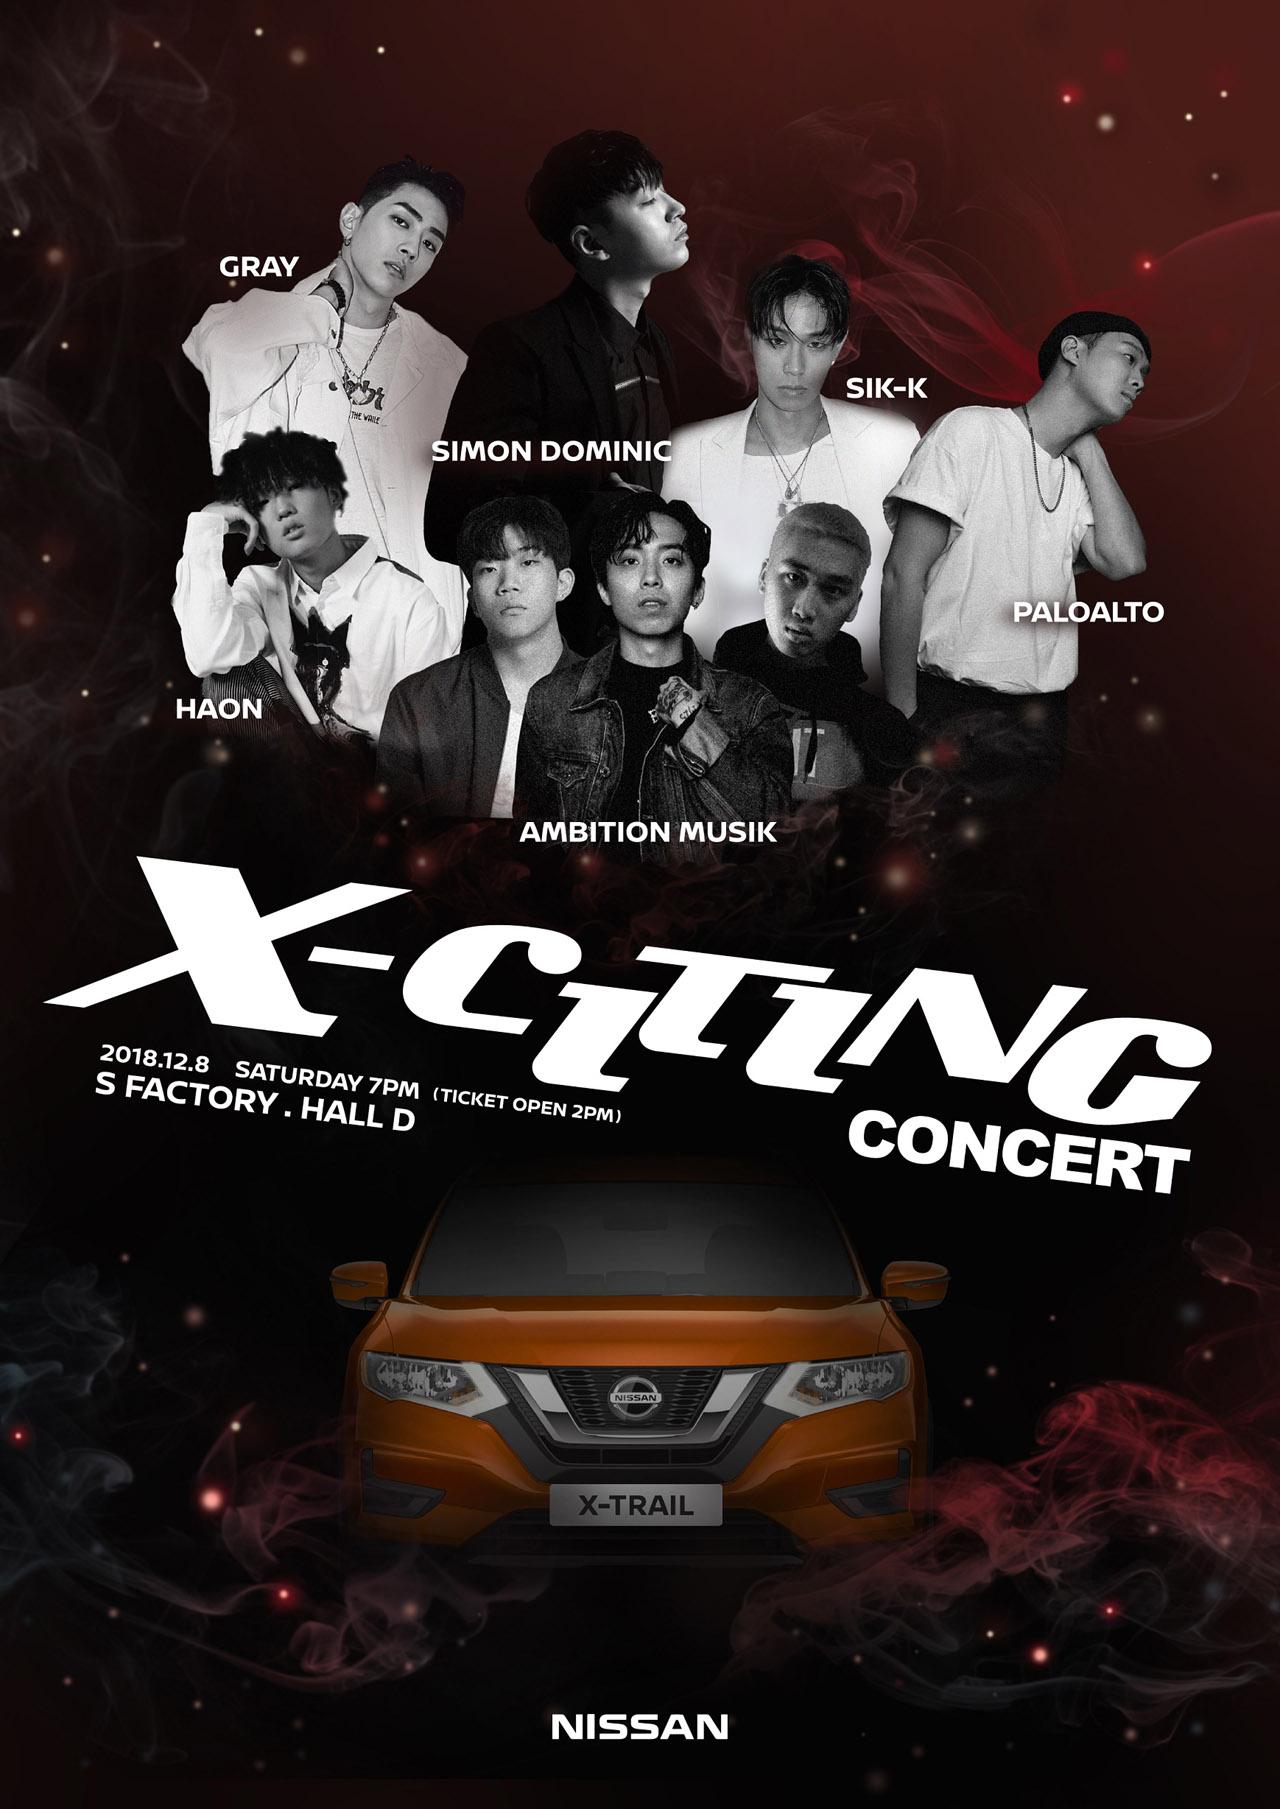 [사진자료] 한국닛산, 엑스트레일과 함꼐하는 닛산 익사이팅(X-citing) 콘서트 포스터